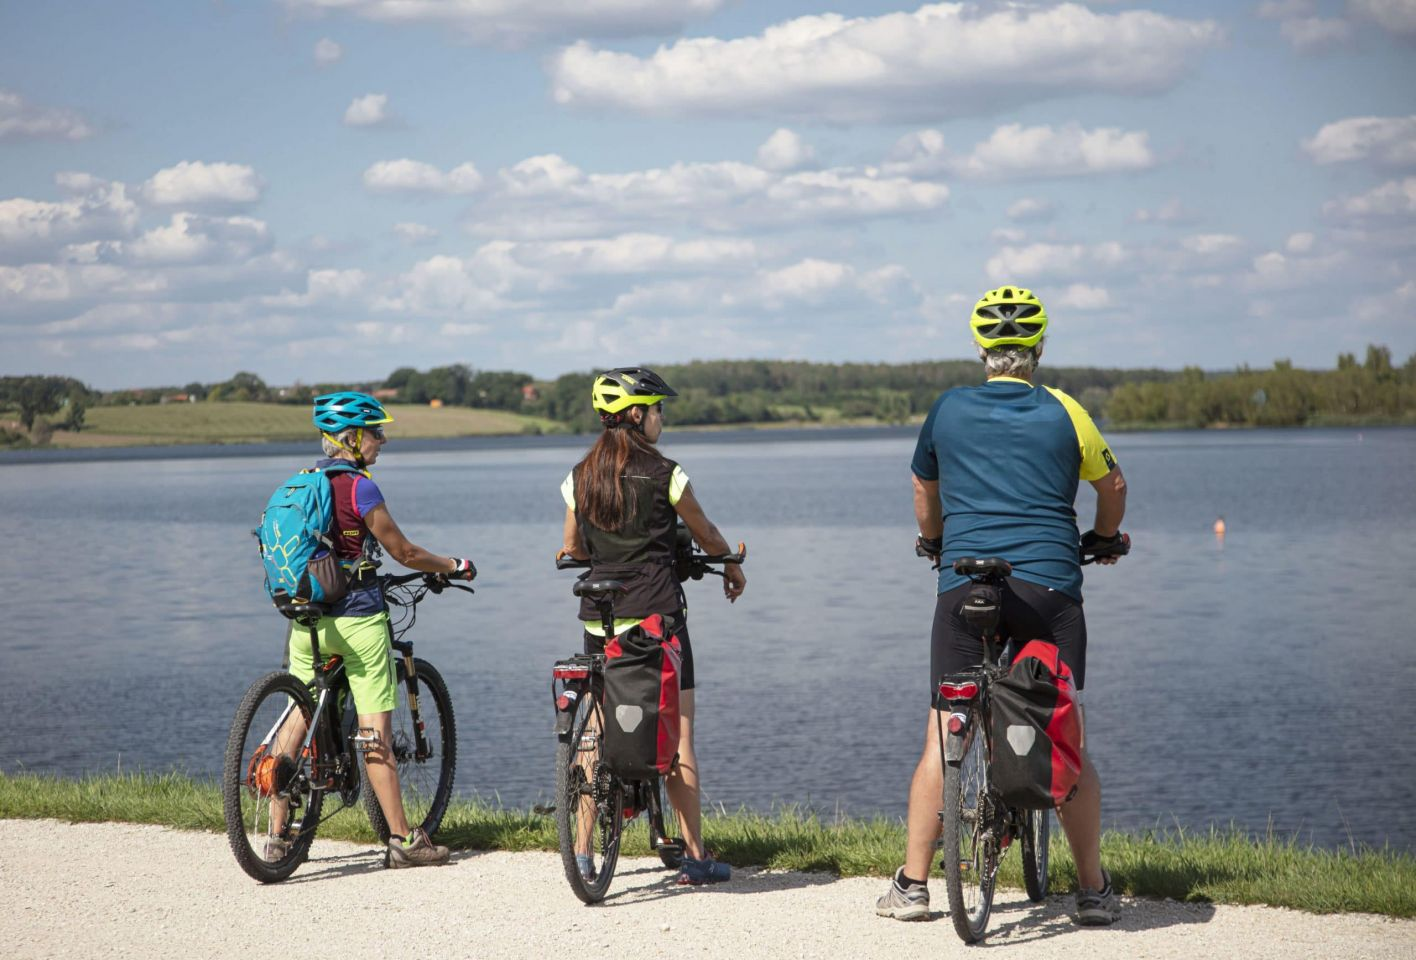 Radtour im Landkreis Roth: Auf den Spuren der Mühlen